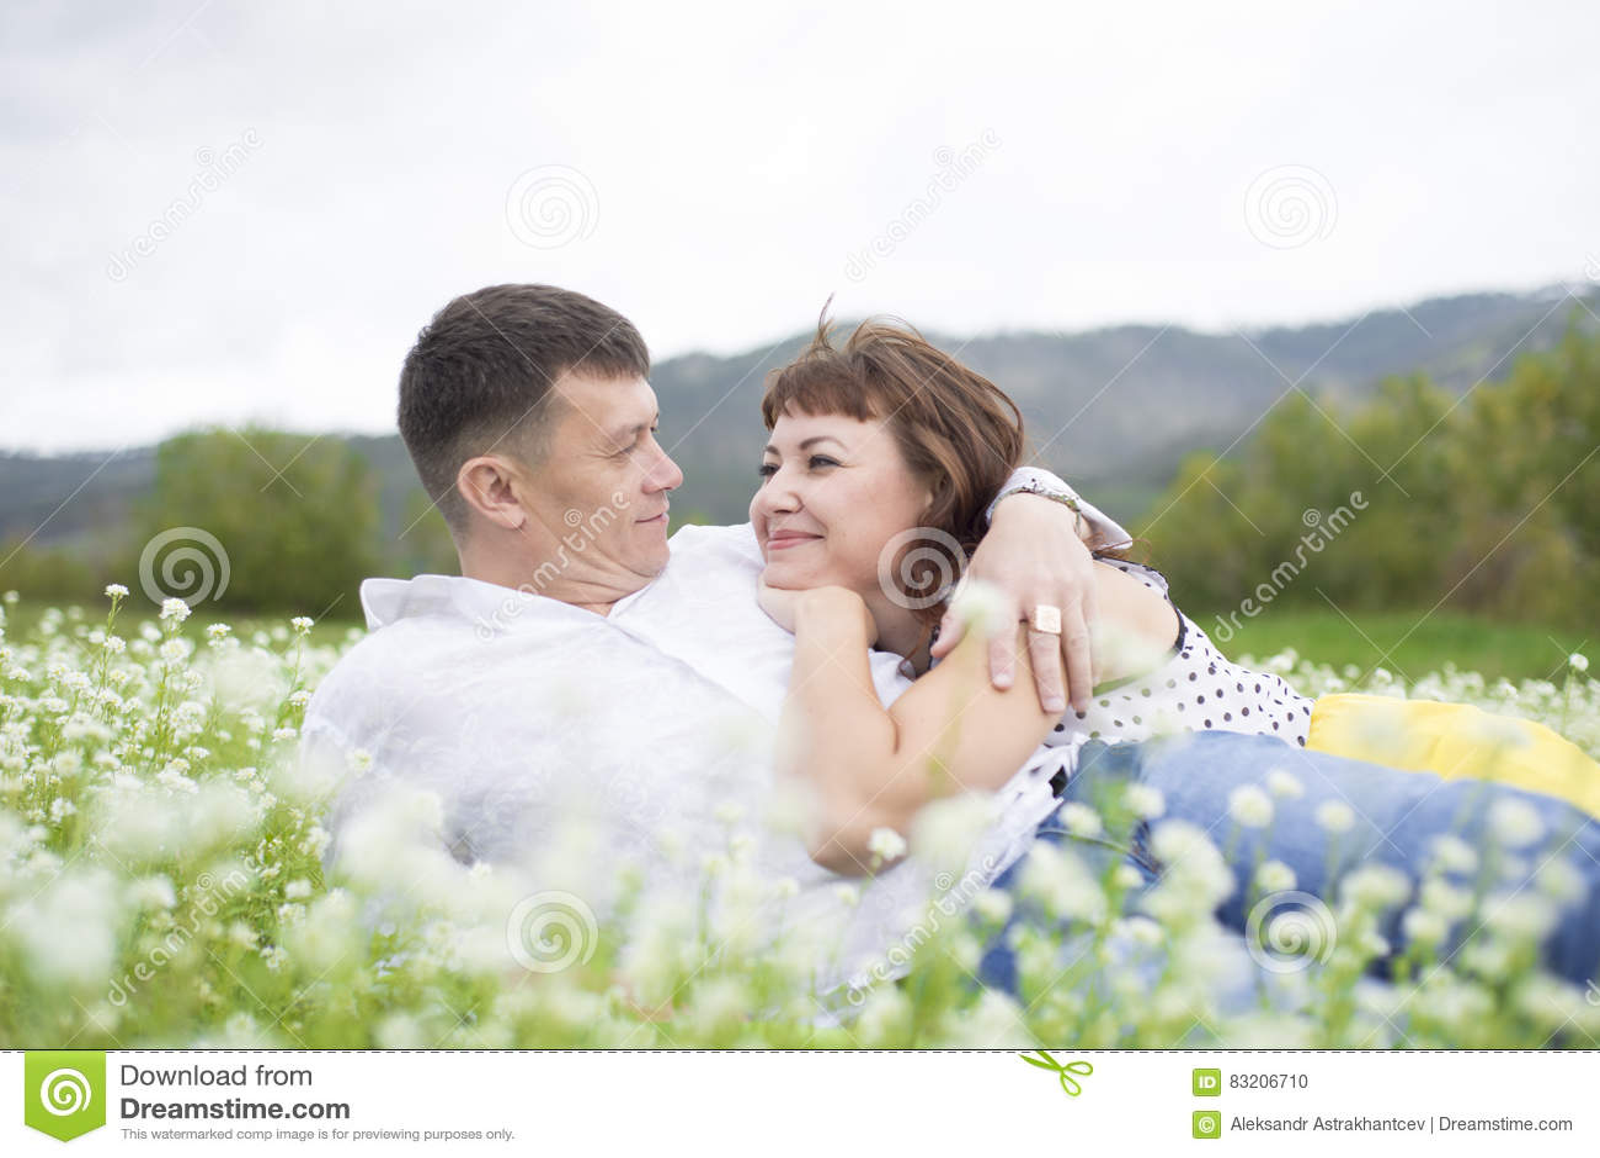 Kostenlose App für Online-Dating